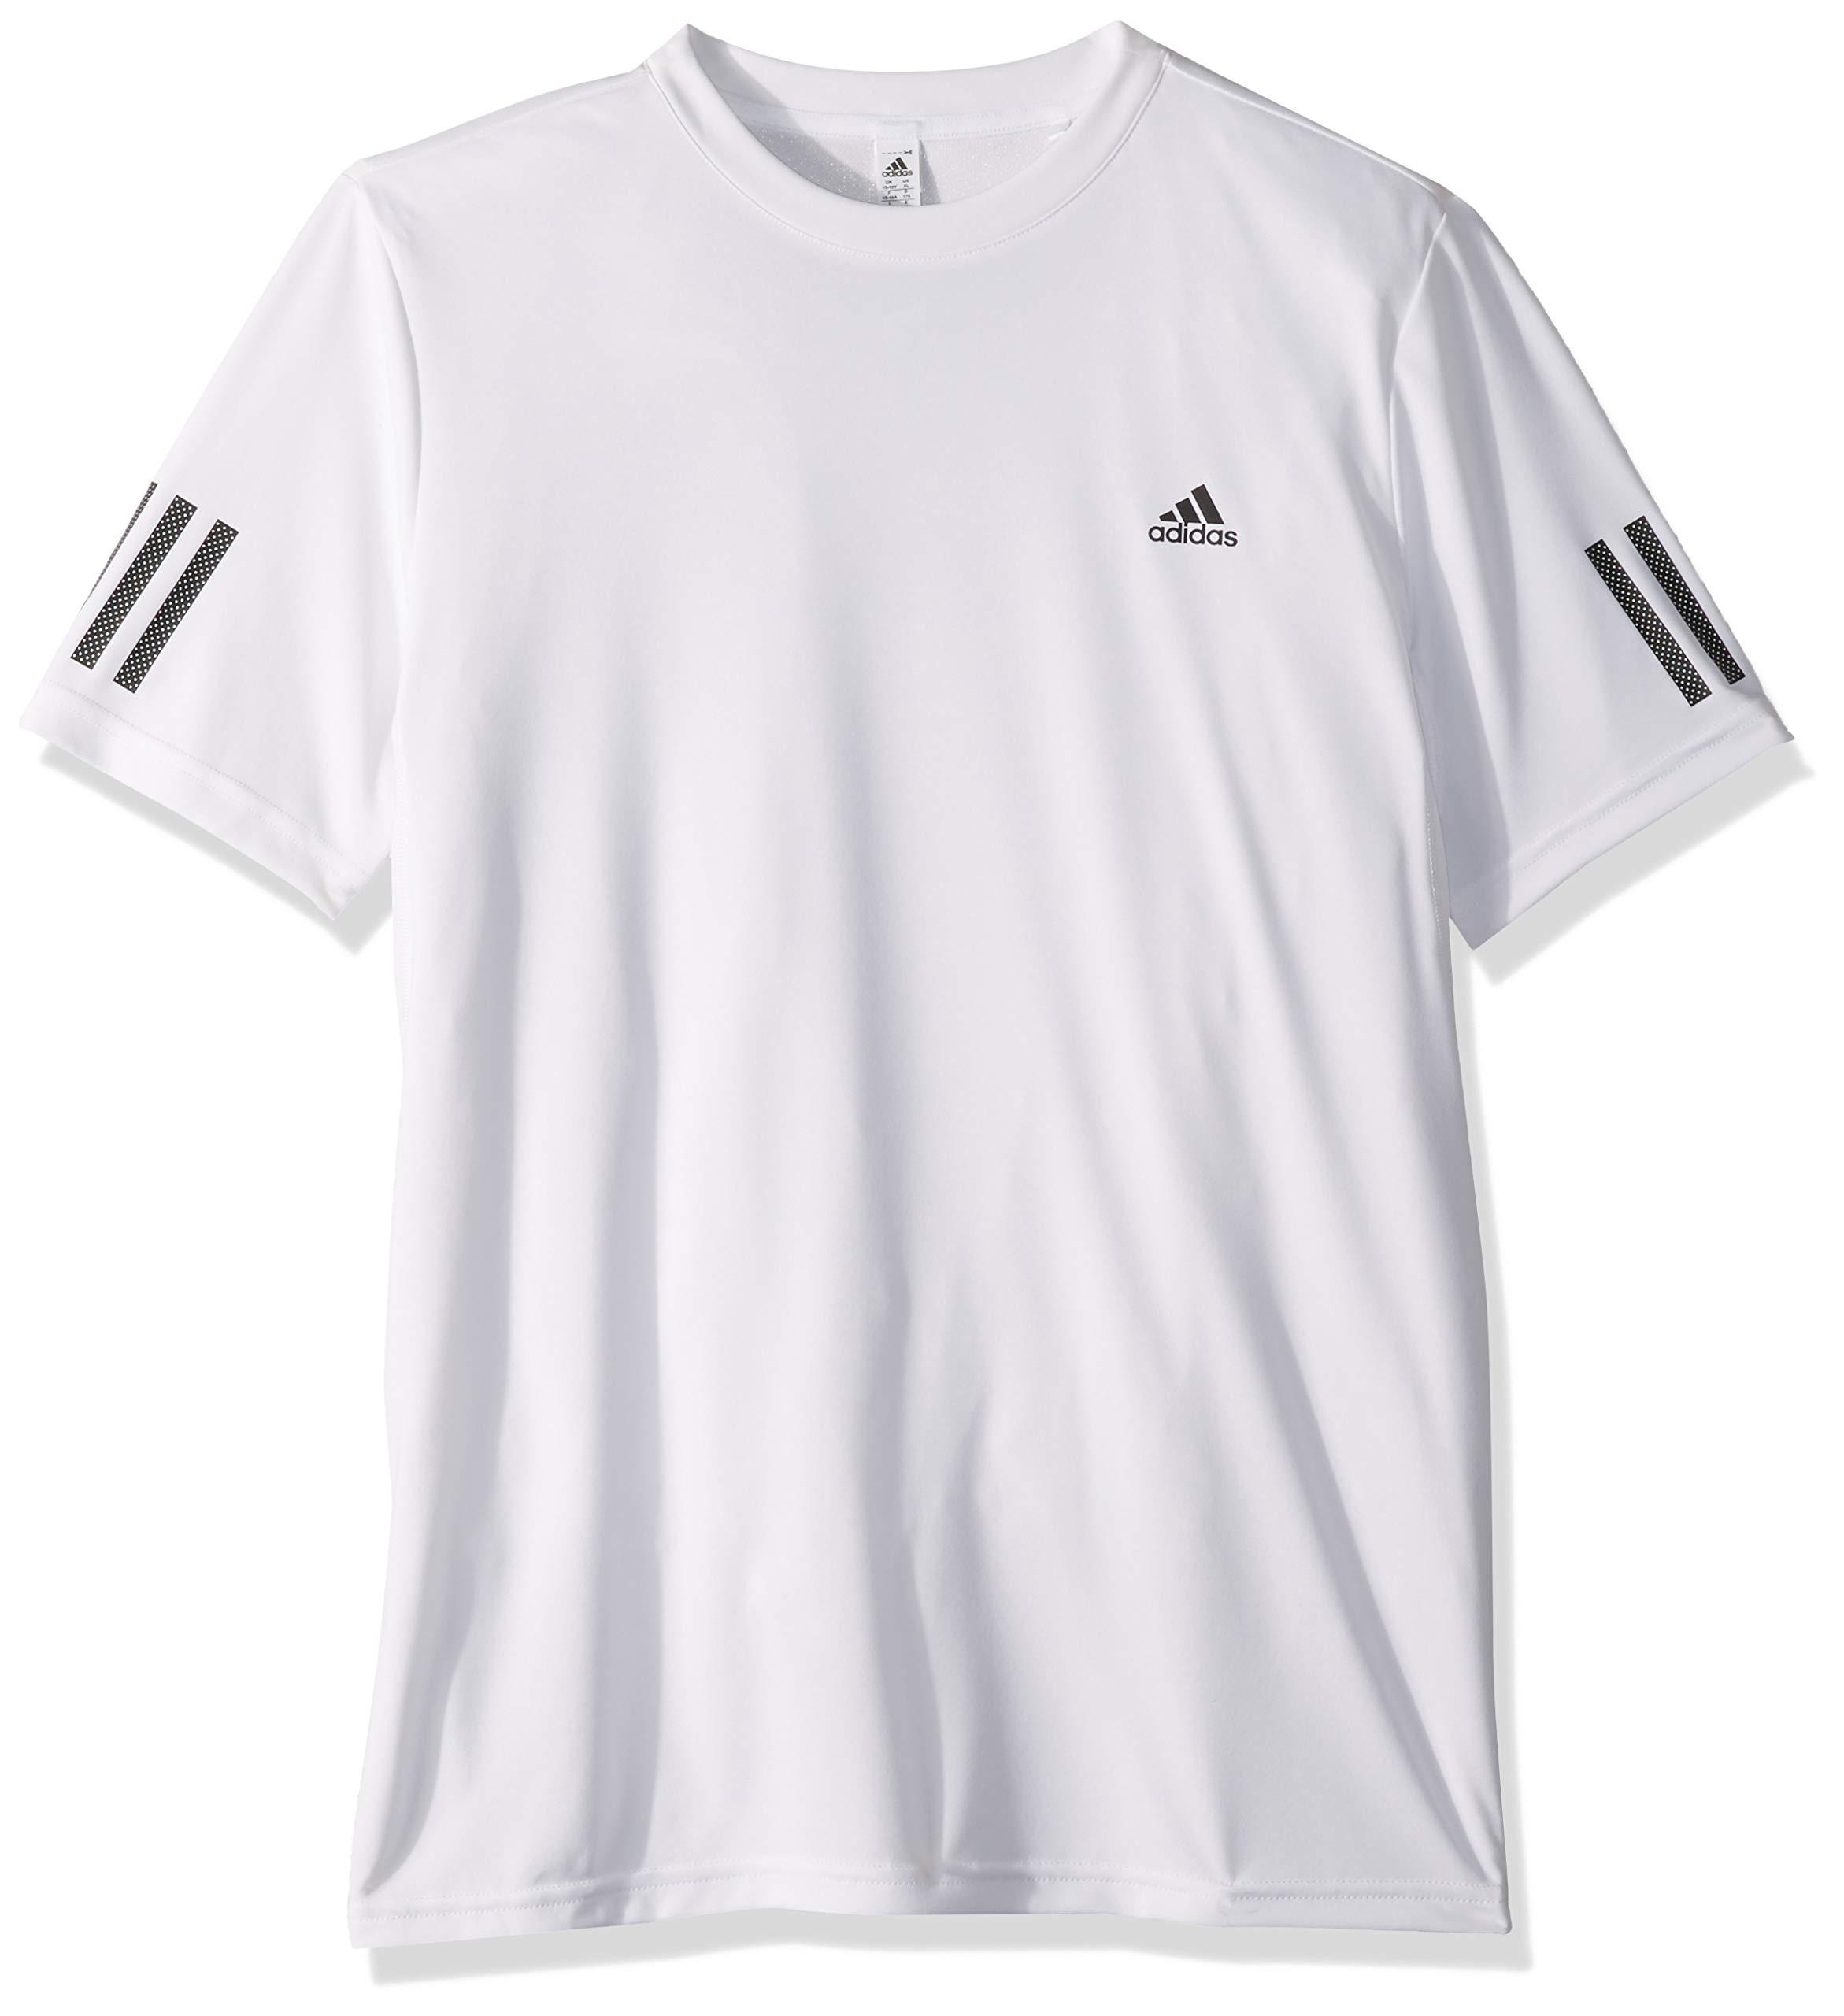 adidas Youth Club 3-Stripes Tennis Tee, White/Black, Medium